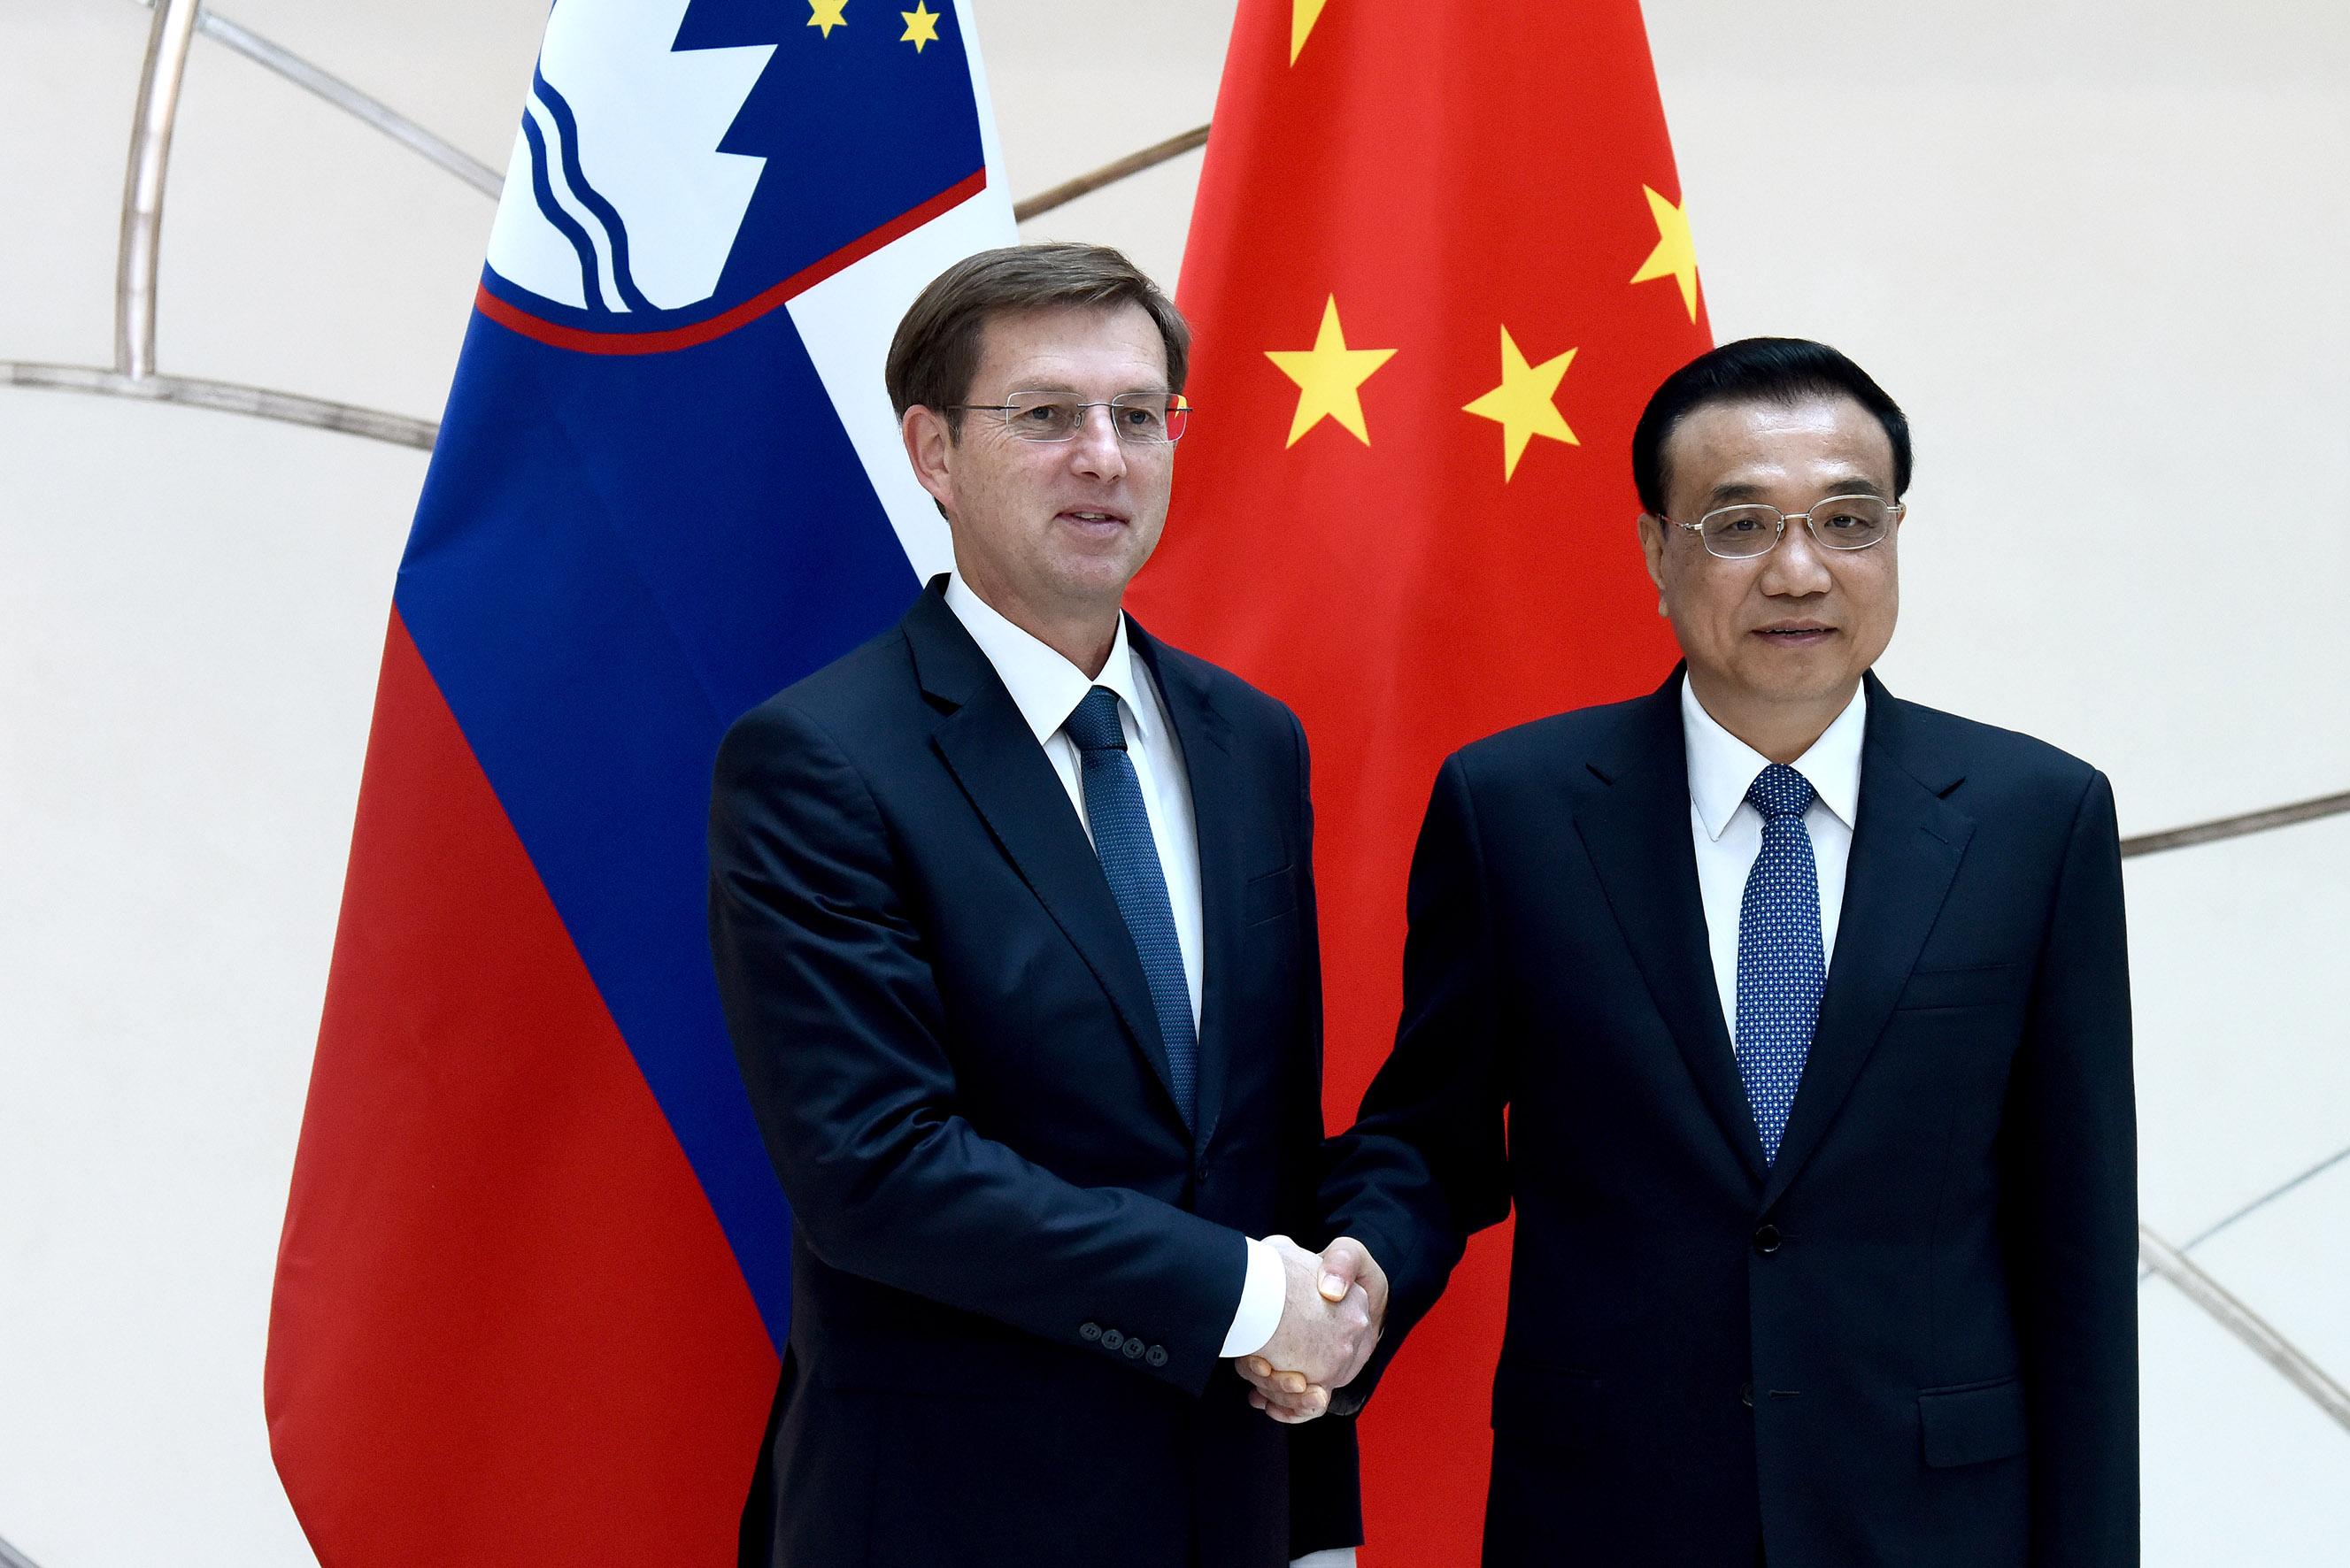 Budimpešta bilaterala s kitajskim predsednikom vlade Foto: Tamino Petelinšek/STA